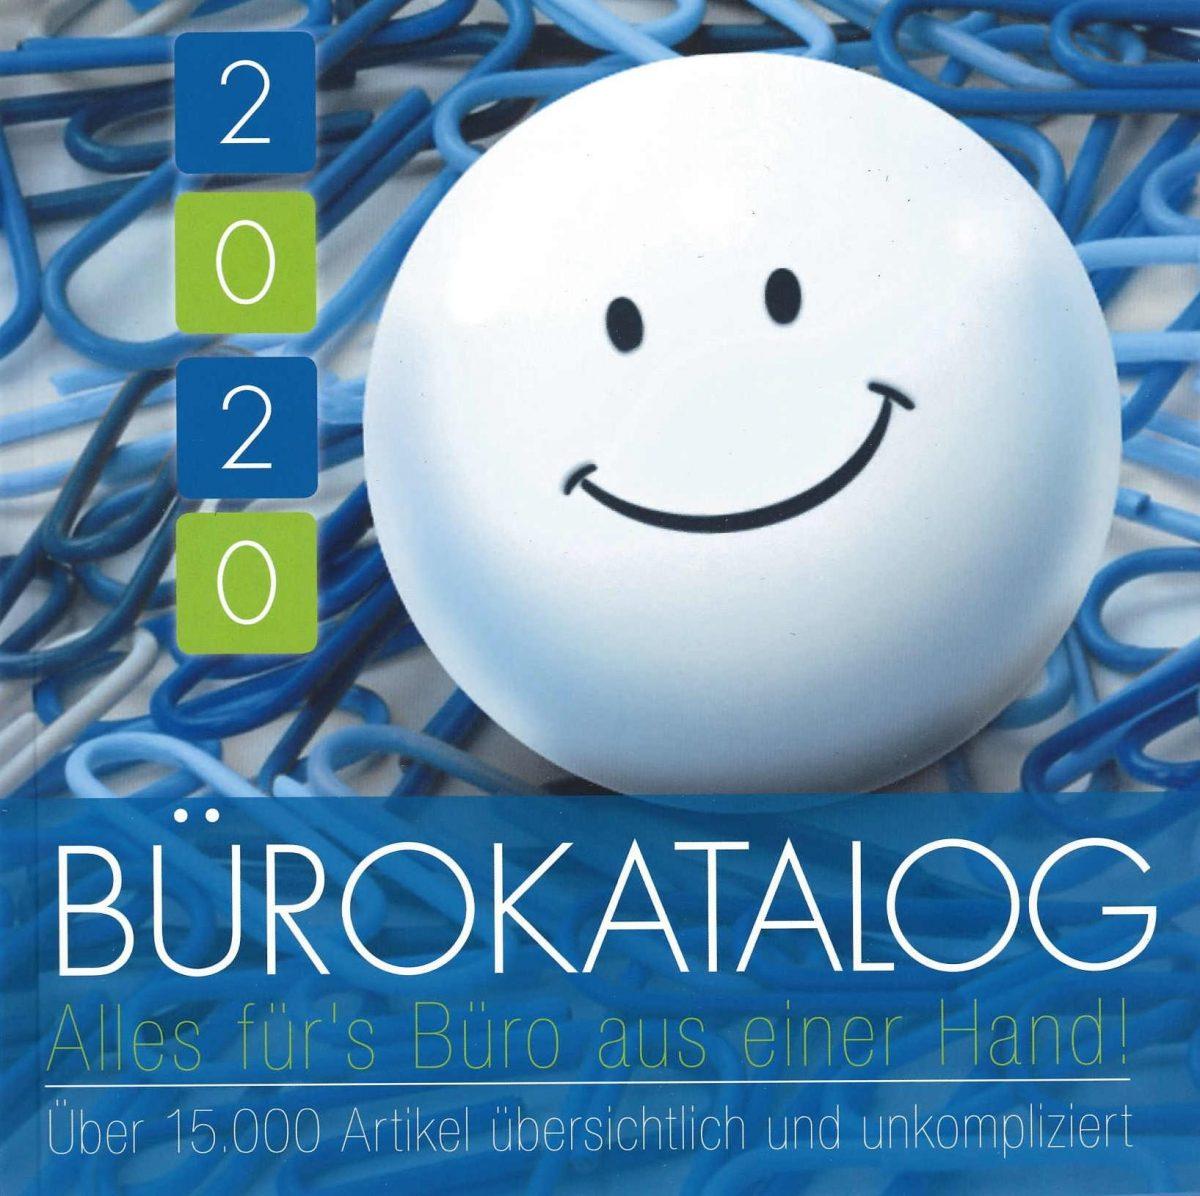 Bürokatalog 2020